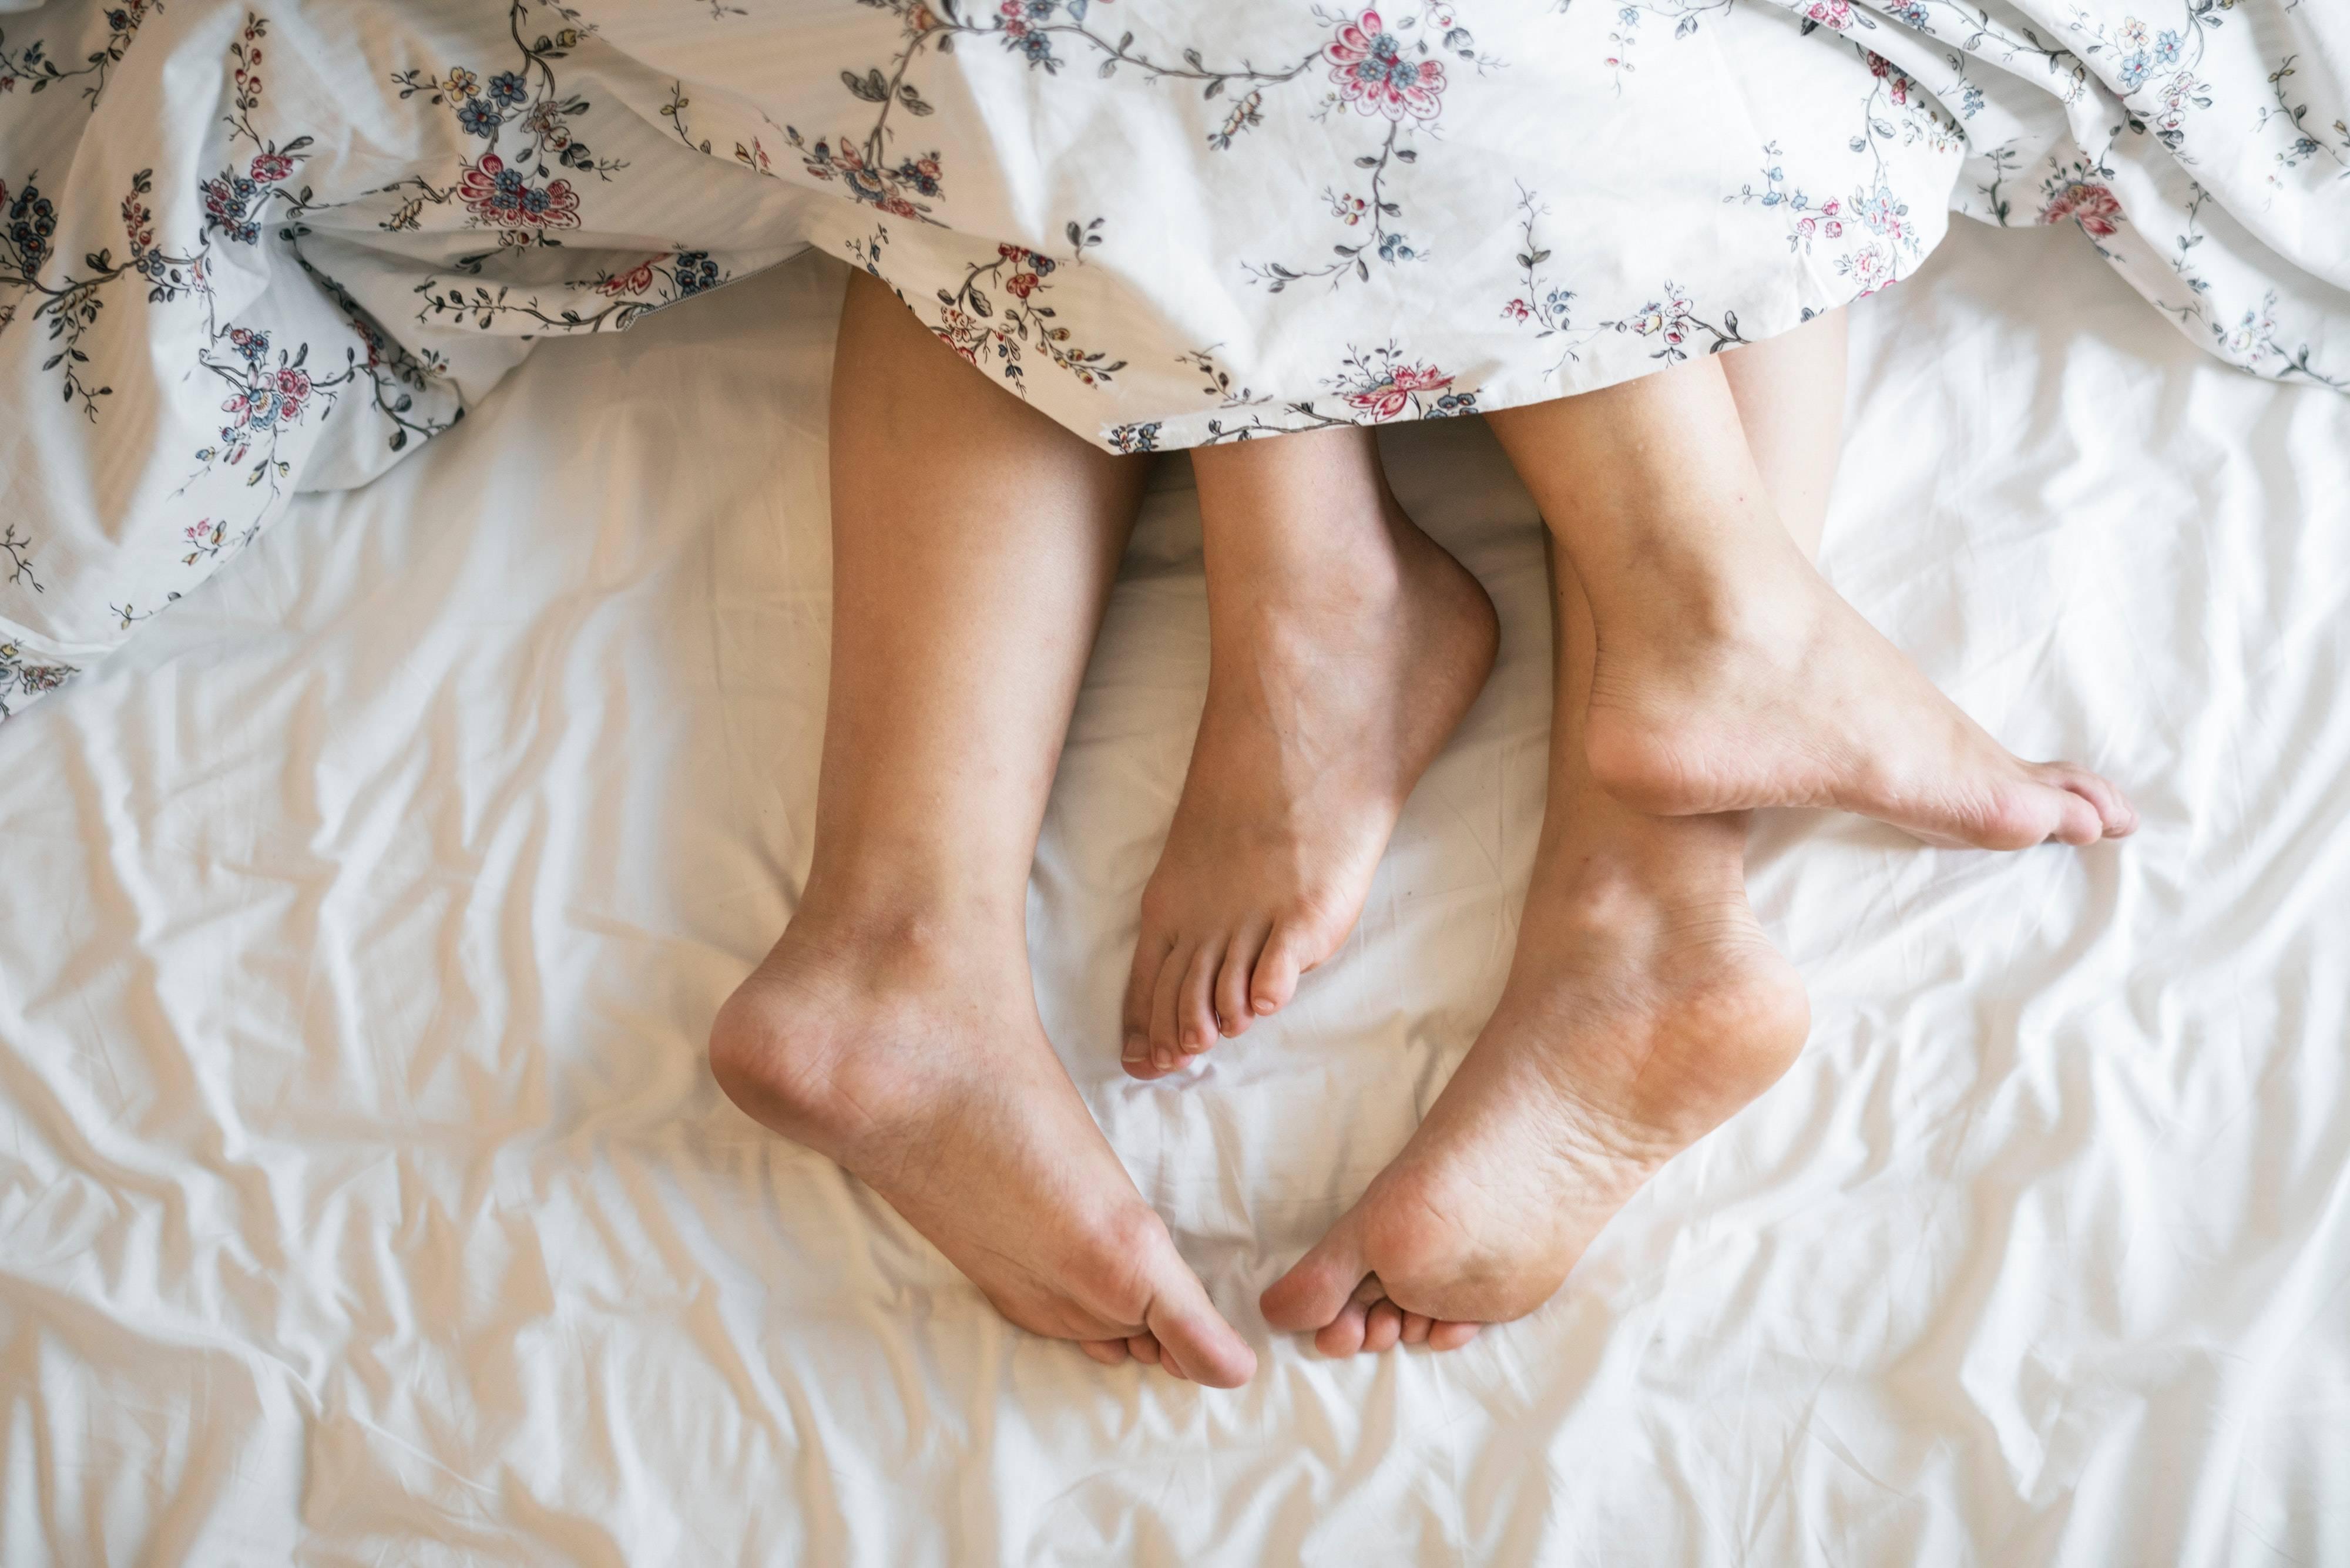 Las personas casadas tienen menos satisfacción sexual que otros tipos de parejas, según estudio